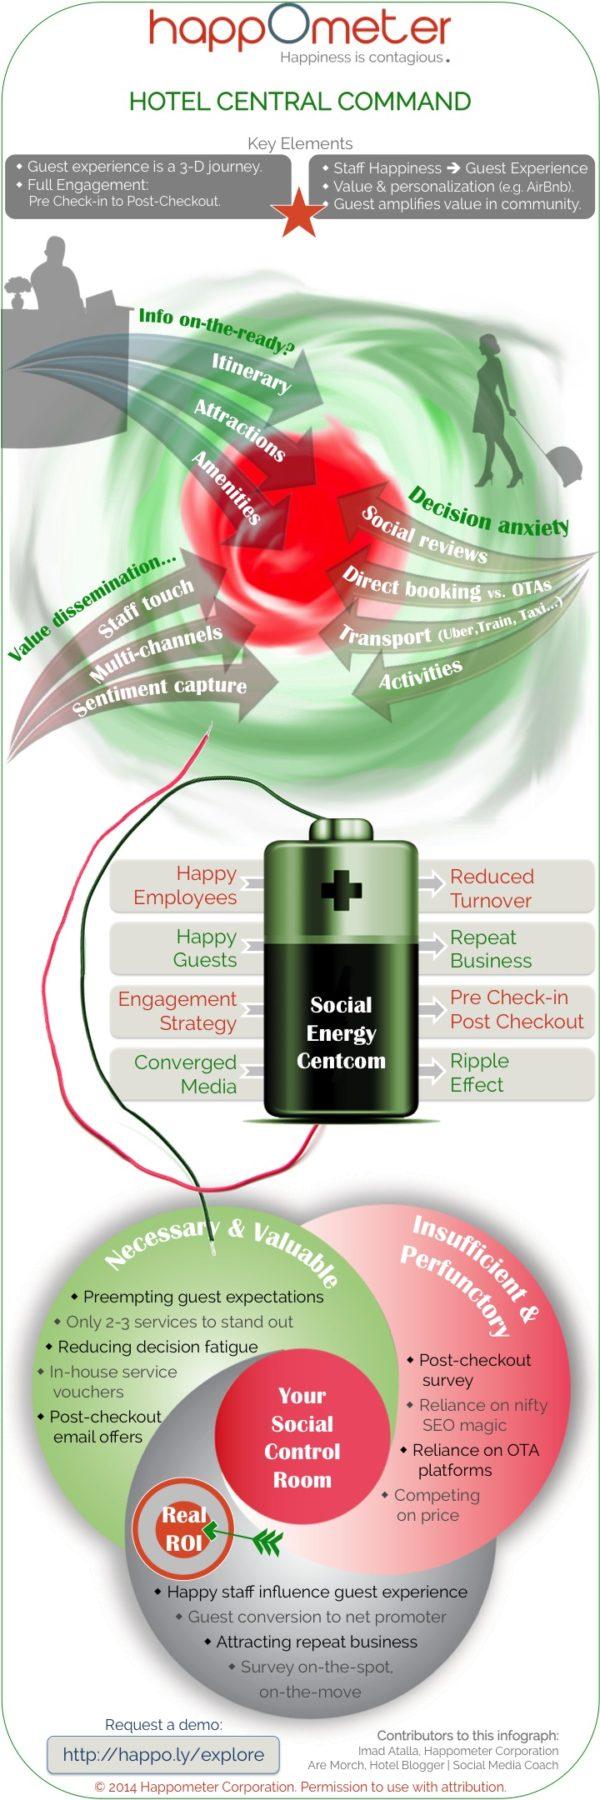 Social Media Control Room